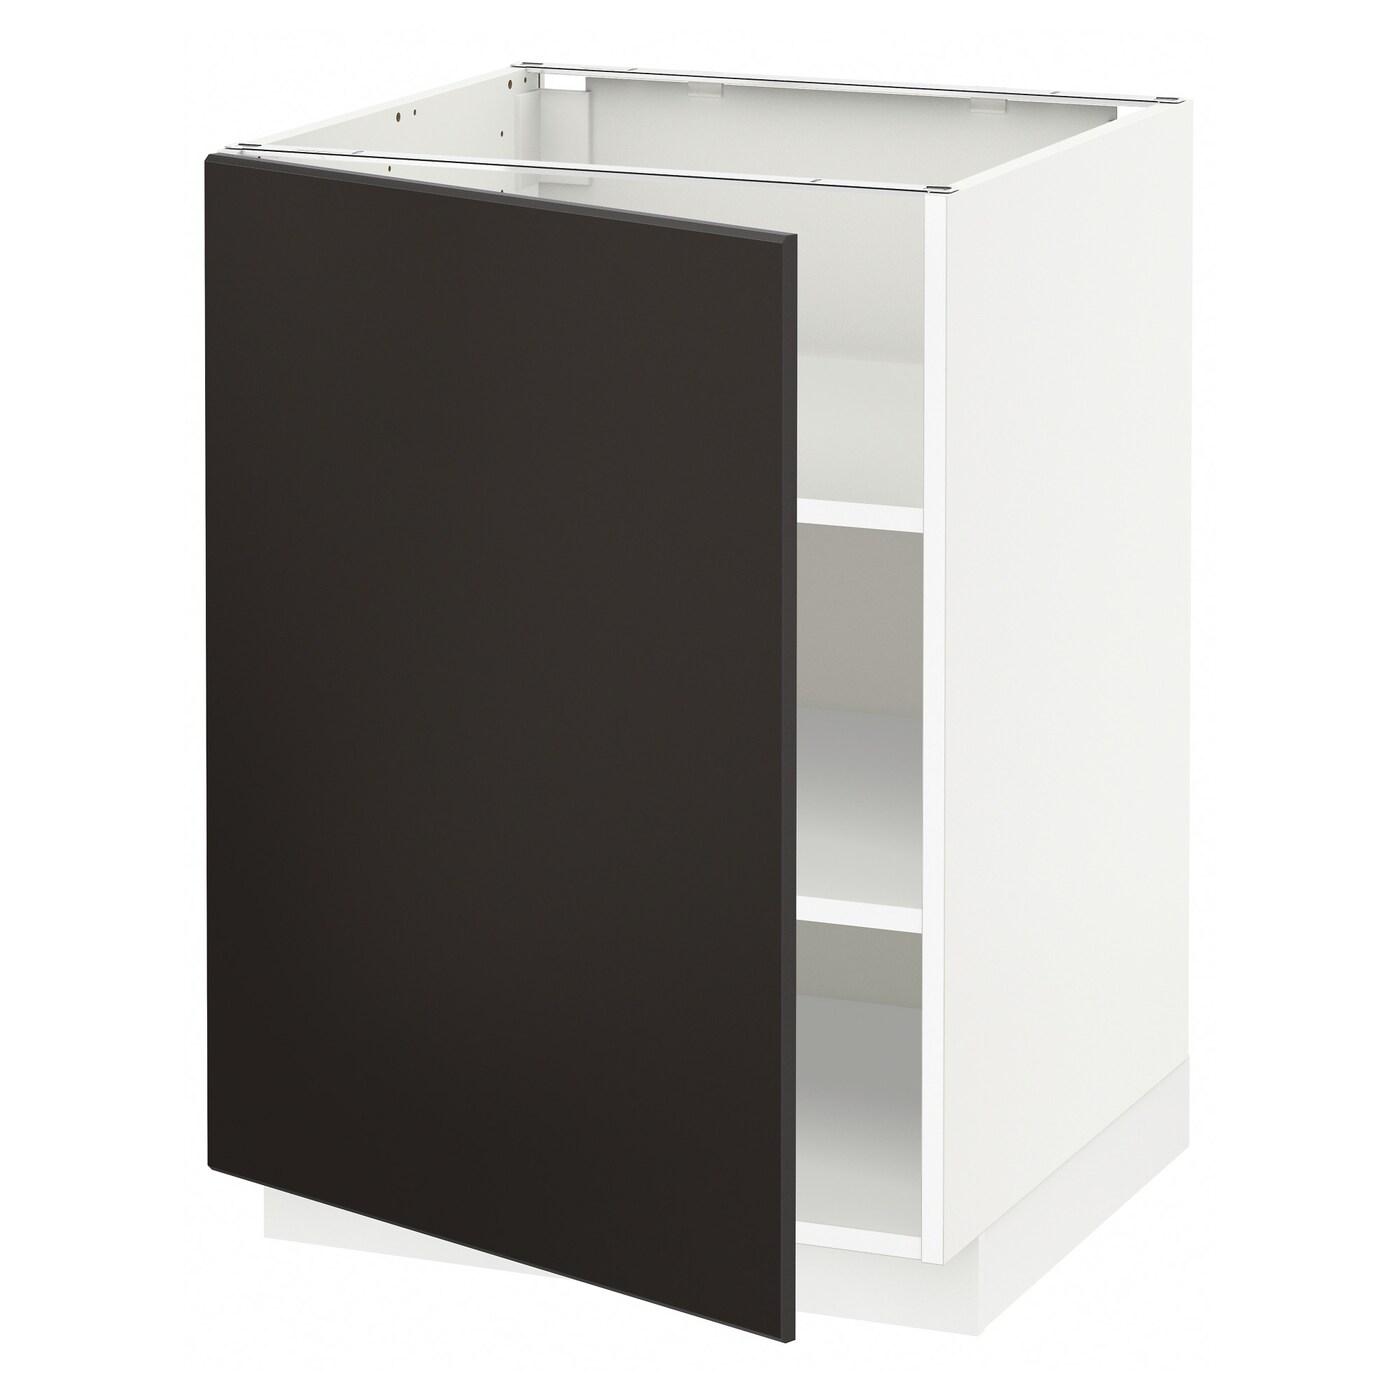 Metod Onderkast Met Planken Wit Kungsbacka Antraciet 60x60 Cm Ikea